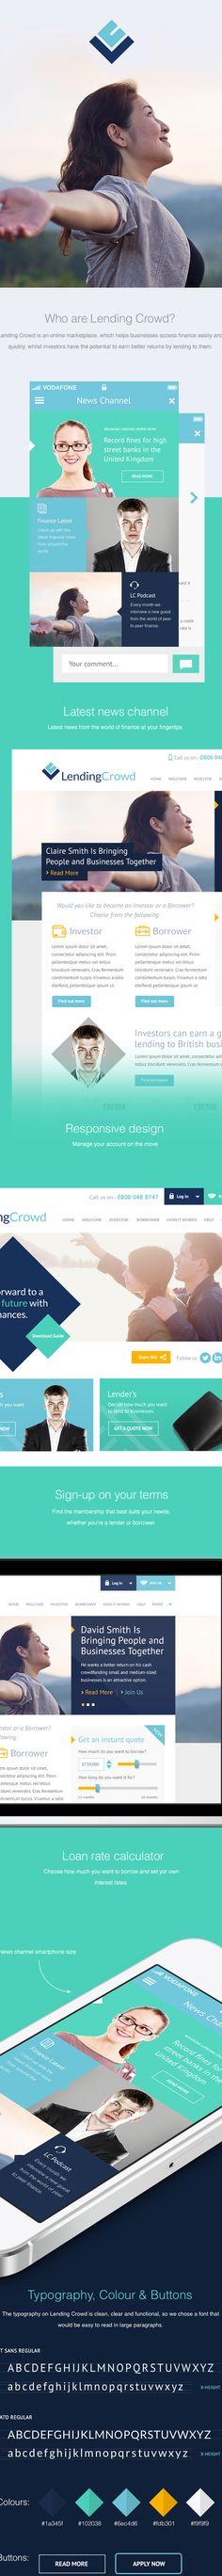 Lending Crowd UI & Concepts